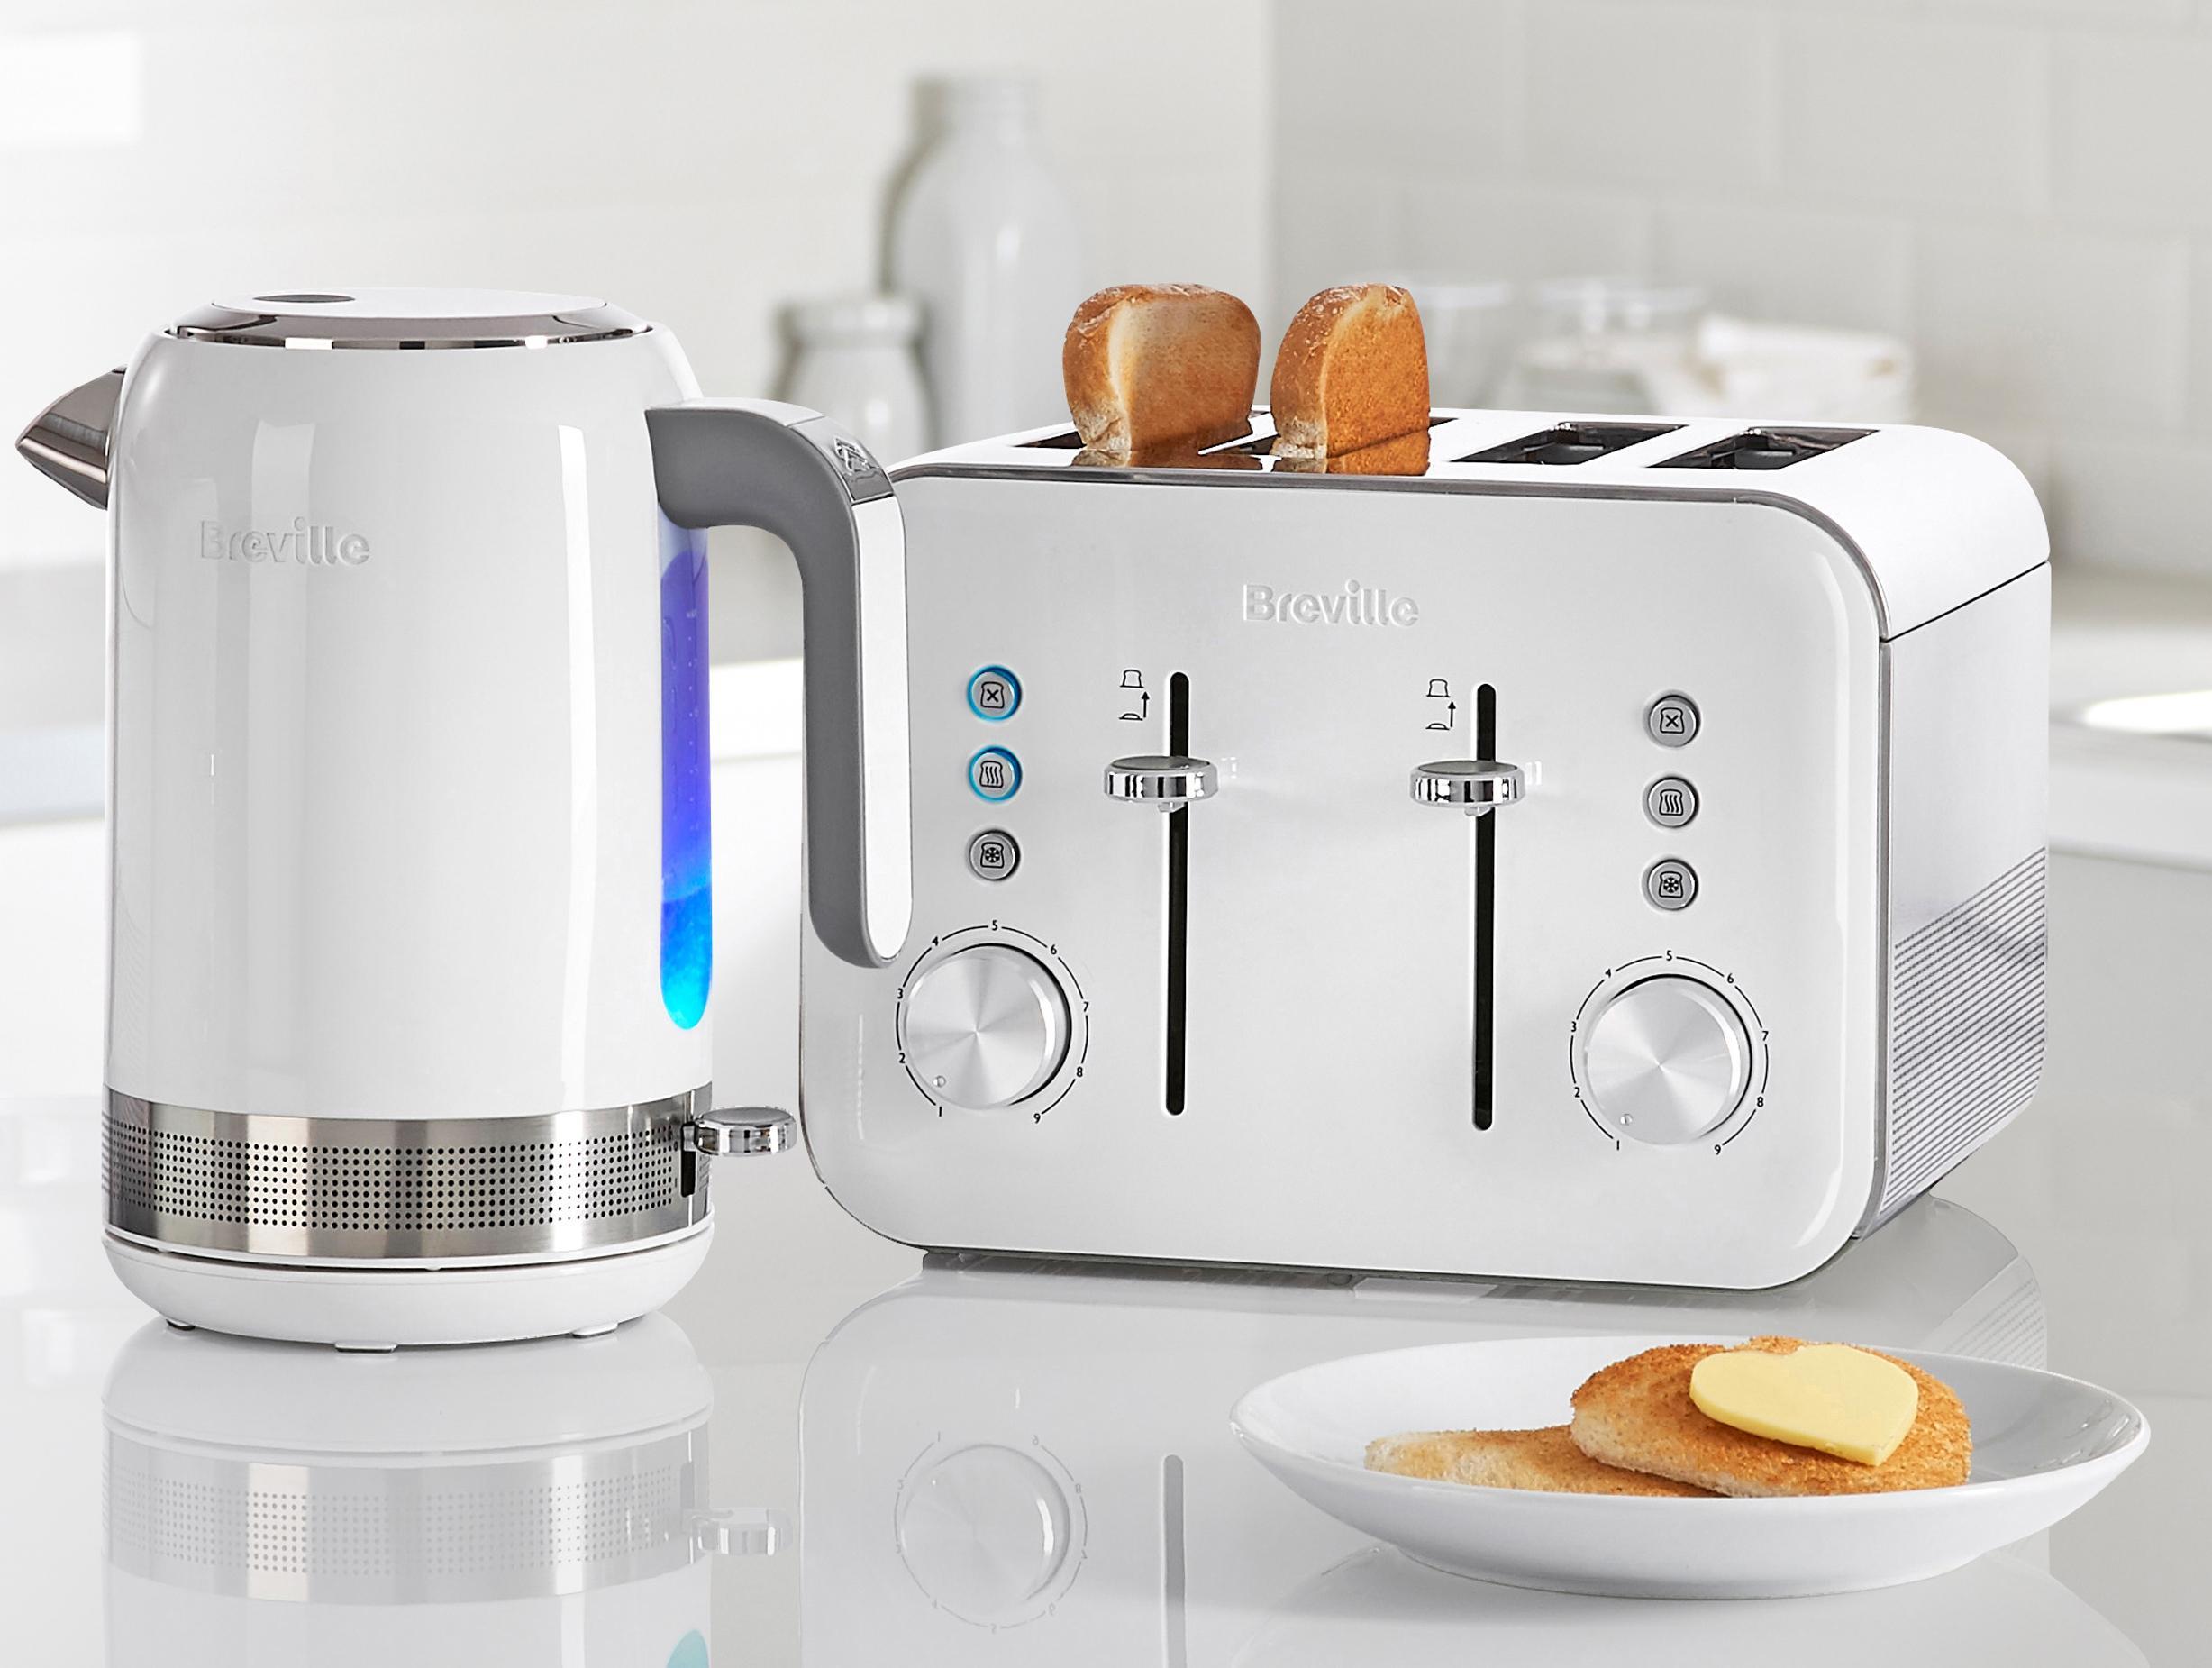 Breville Vtt687 4 Slice High Gloss Toaster White Amazon